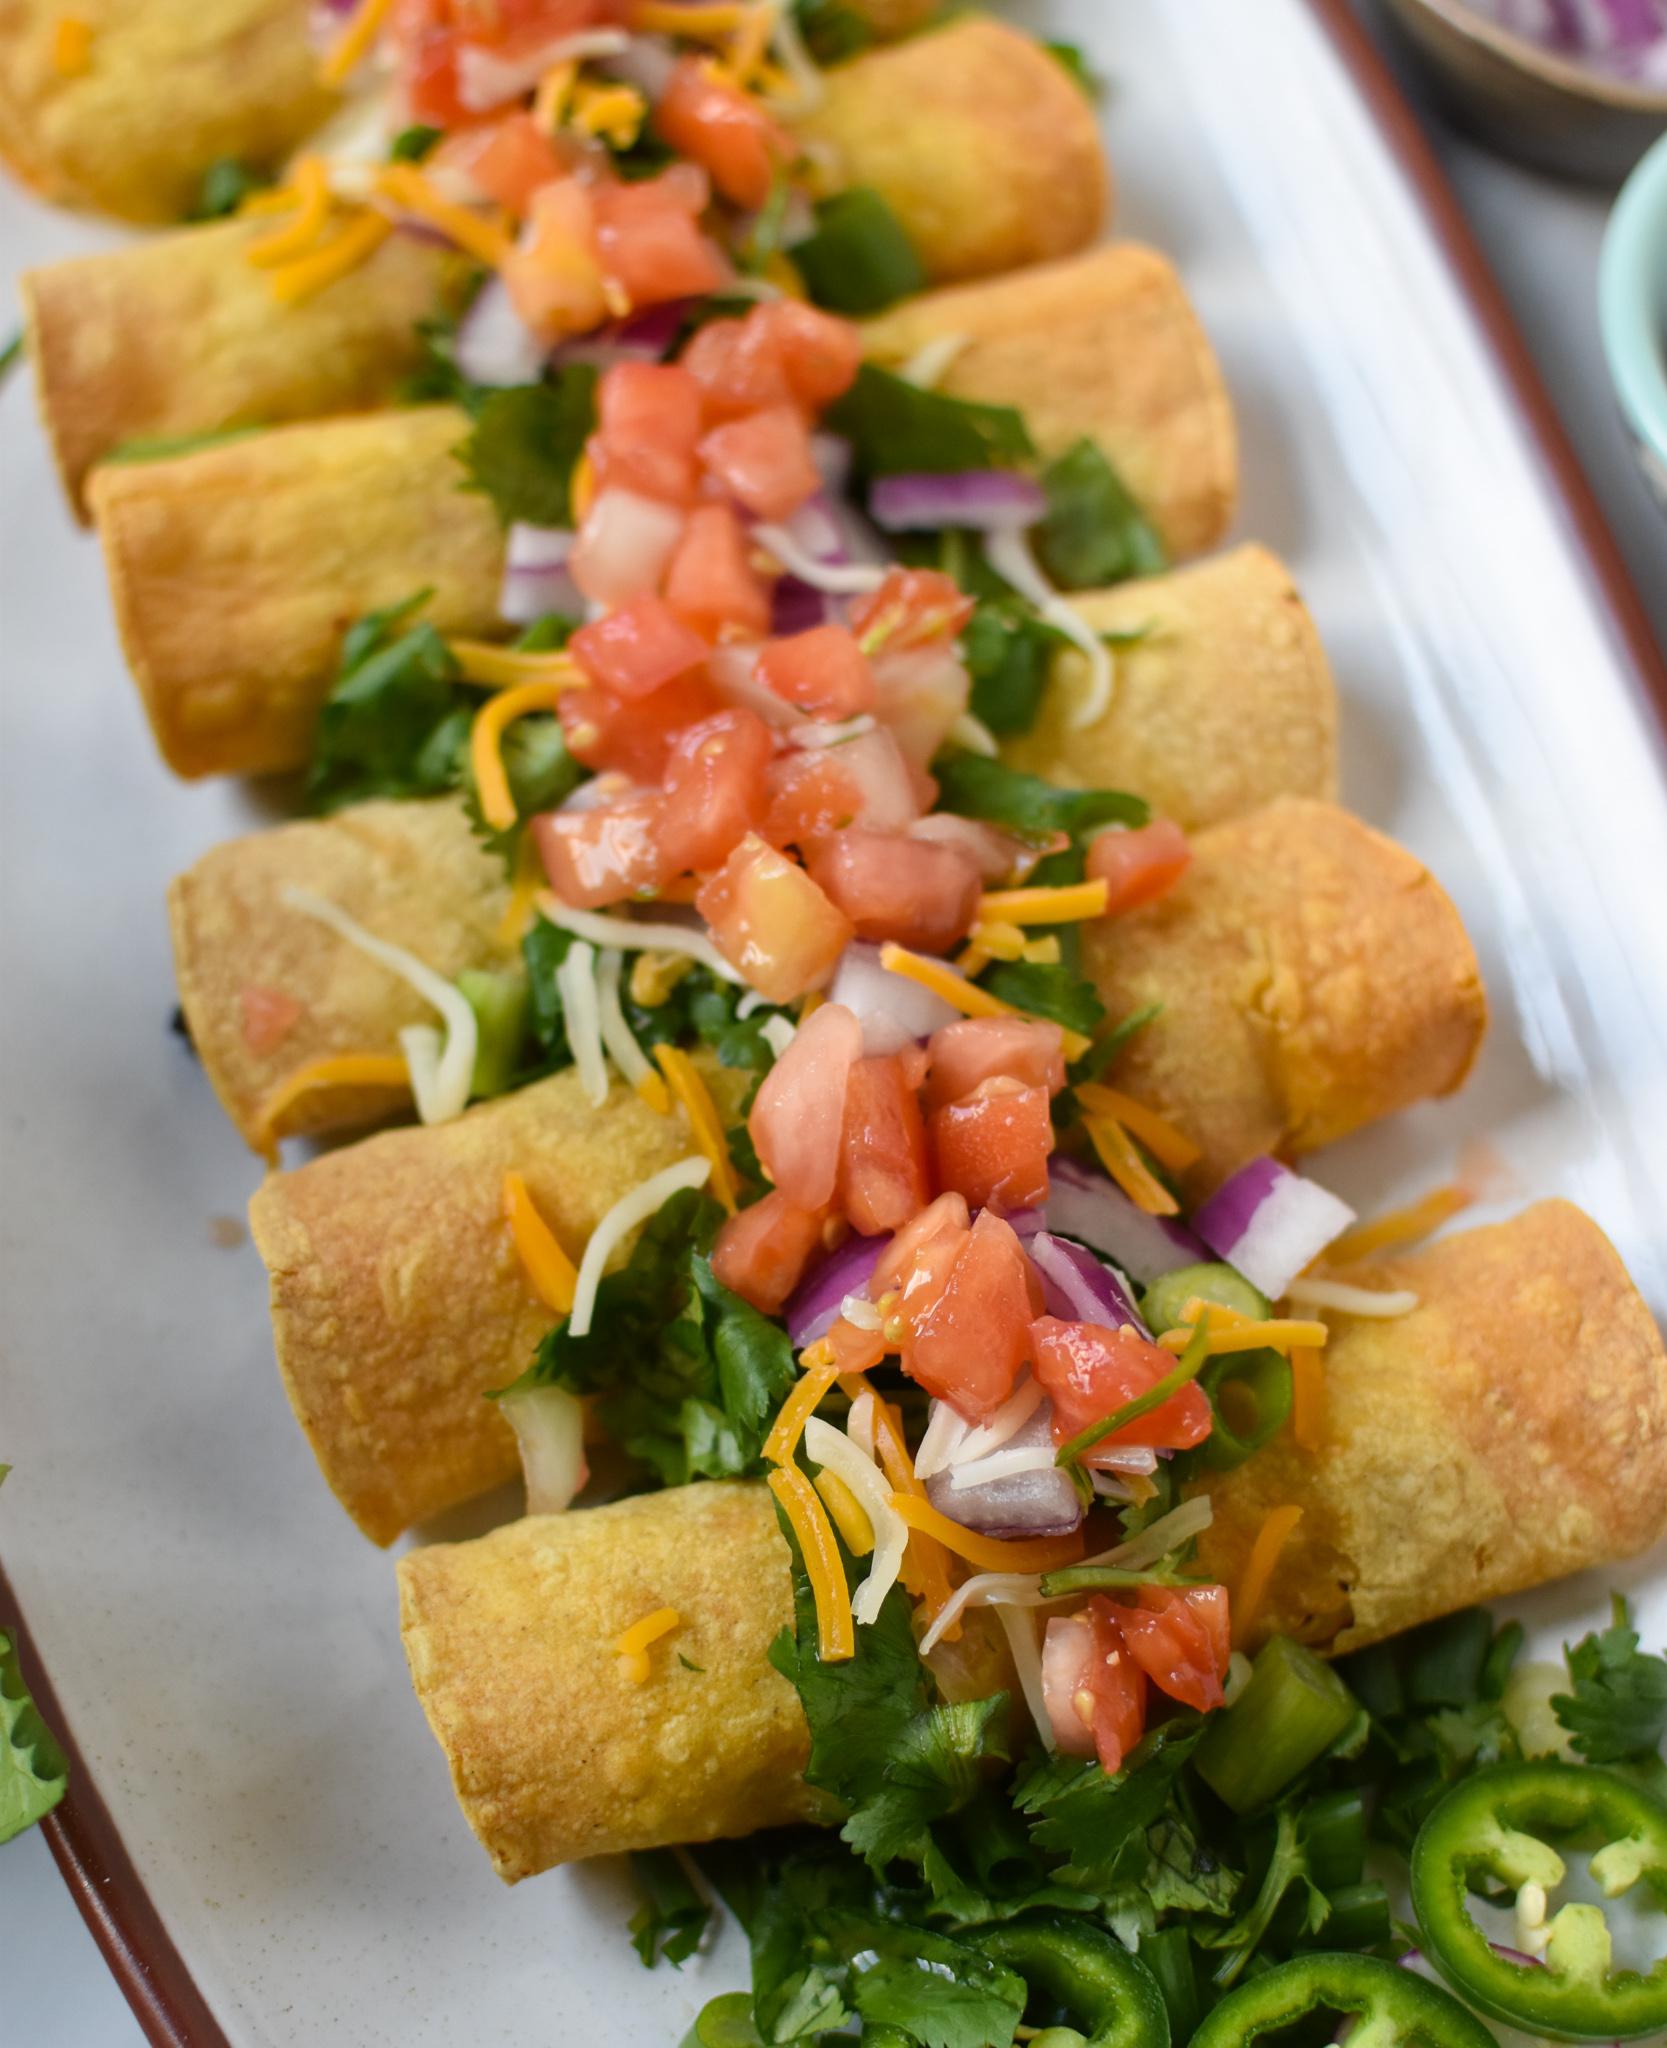 Air Fryer Pork Taquitos with cilantro.